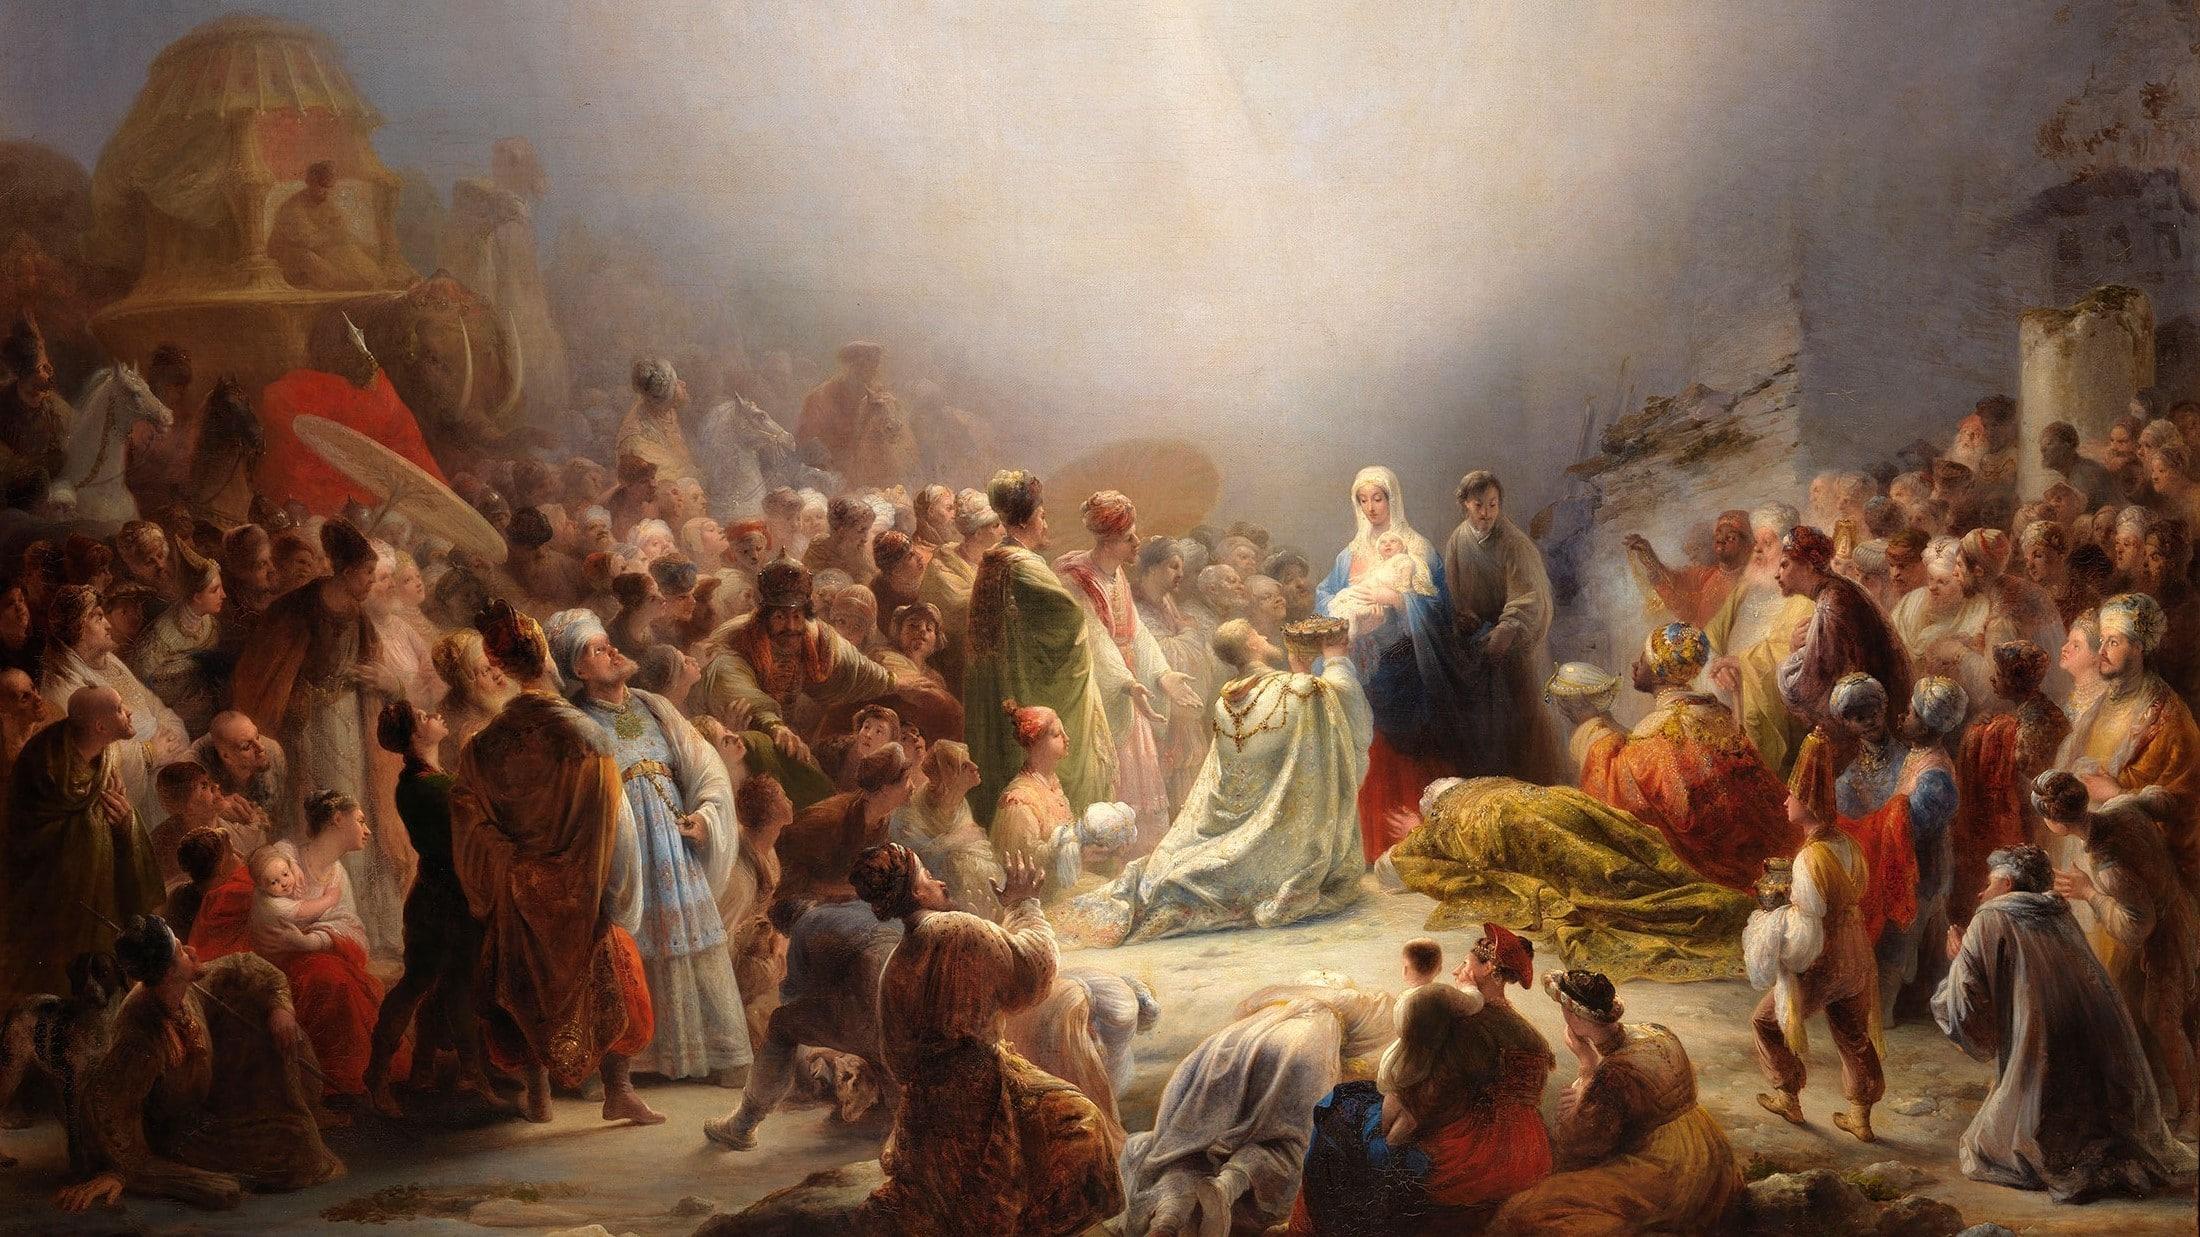 ¿Quiénes son los Santos Inocentes?